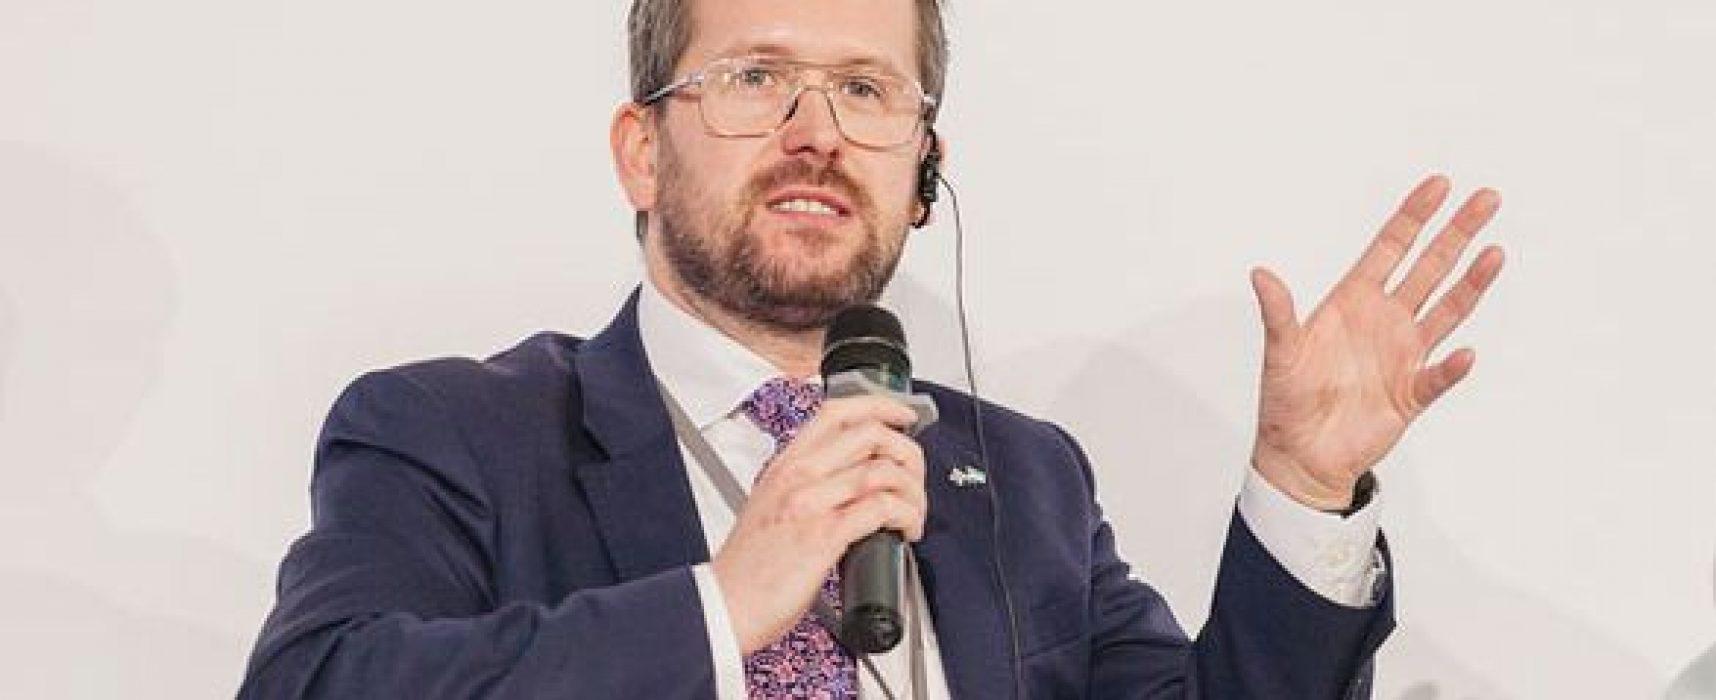 Парламентарий Великобритании: Российские медиа платят нашим депутатам до 3 тыс. фунтов, чтобы они приехали в студию